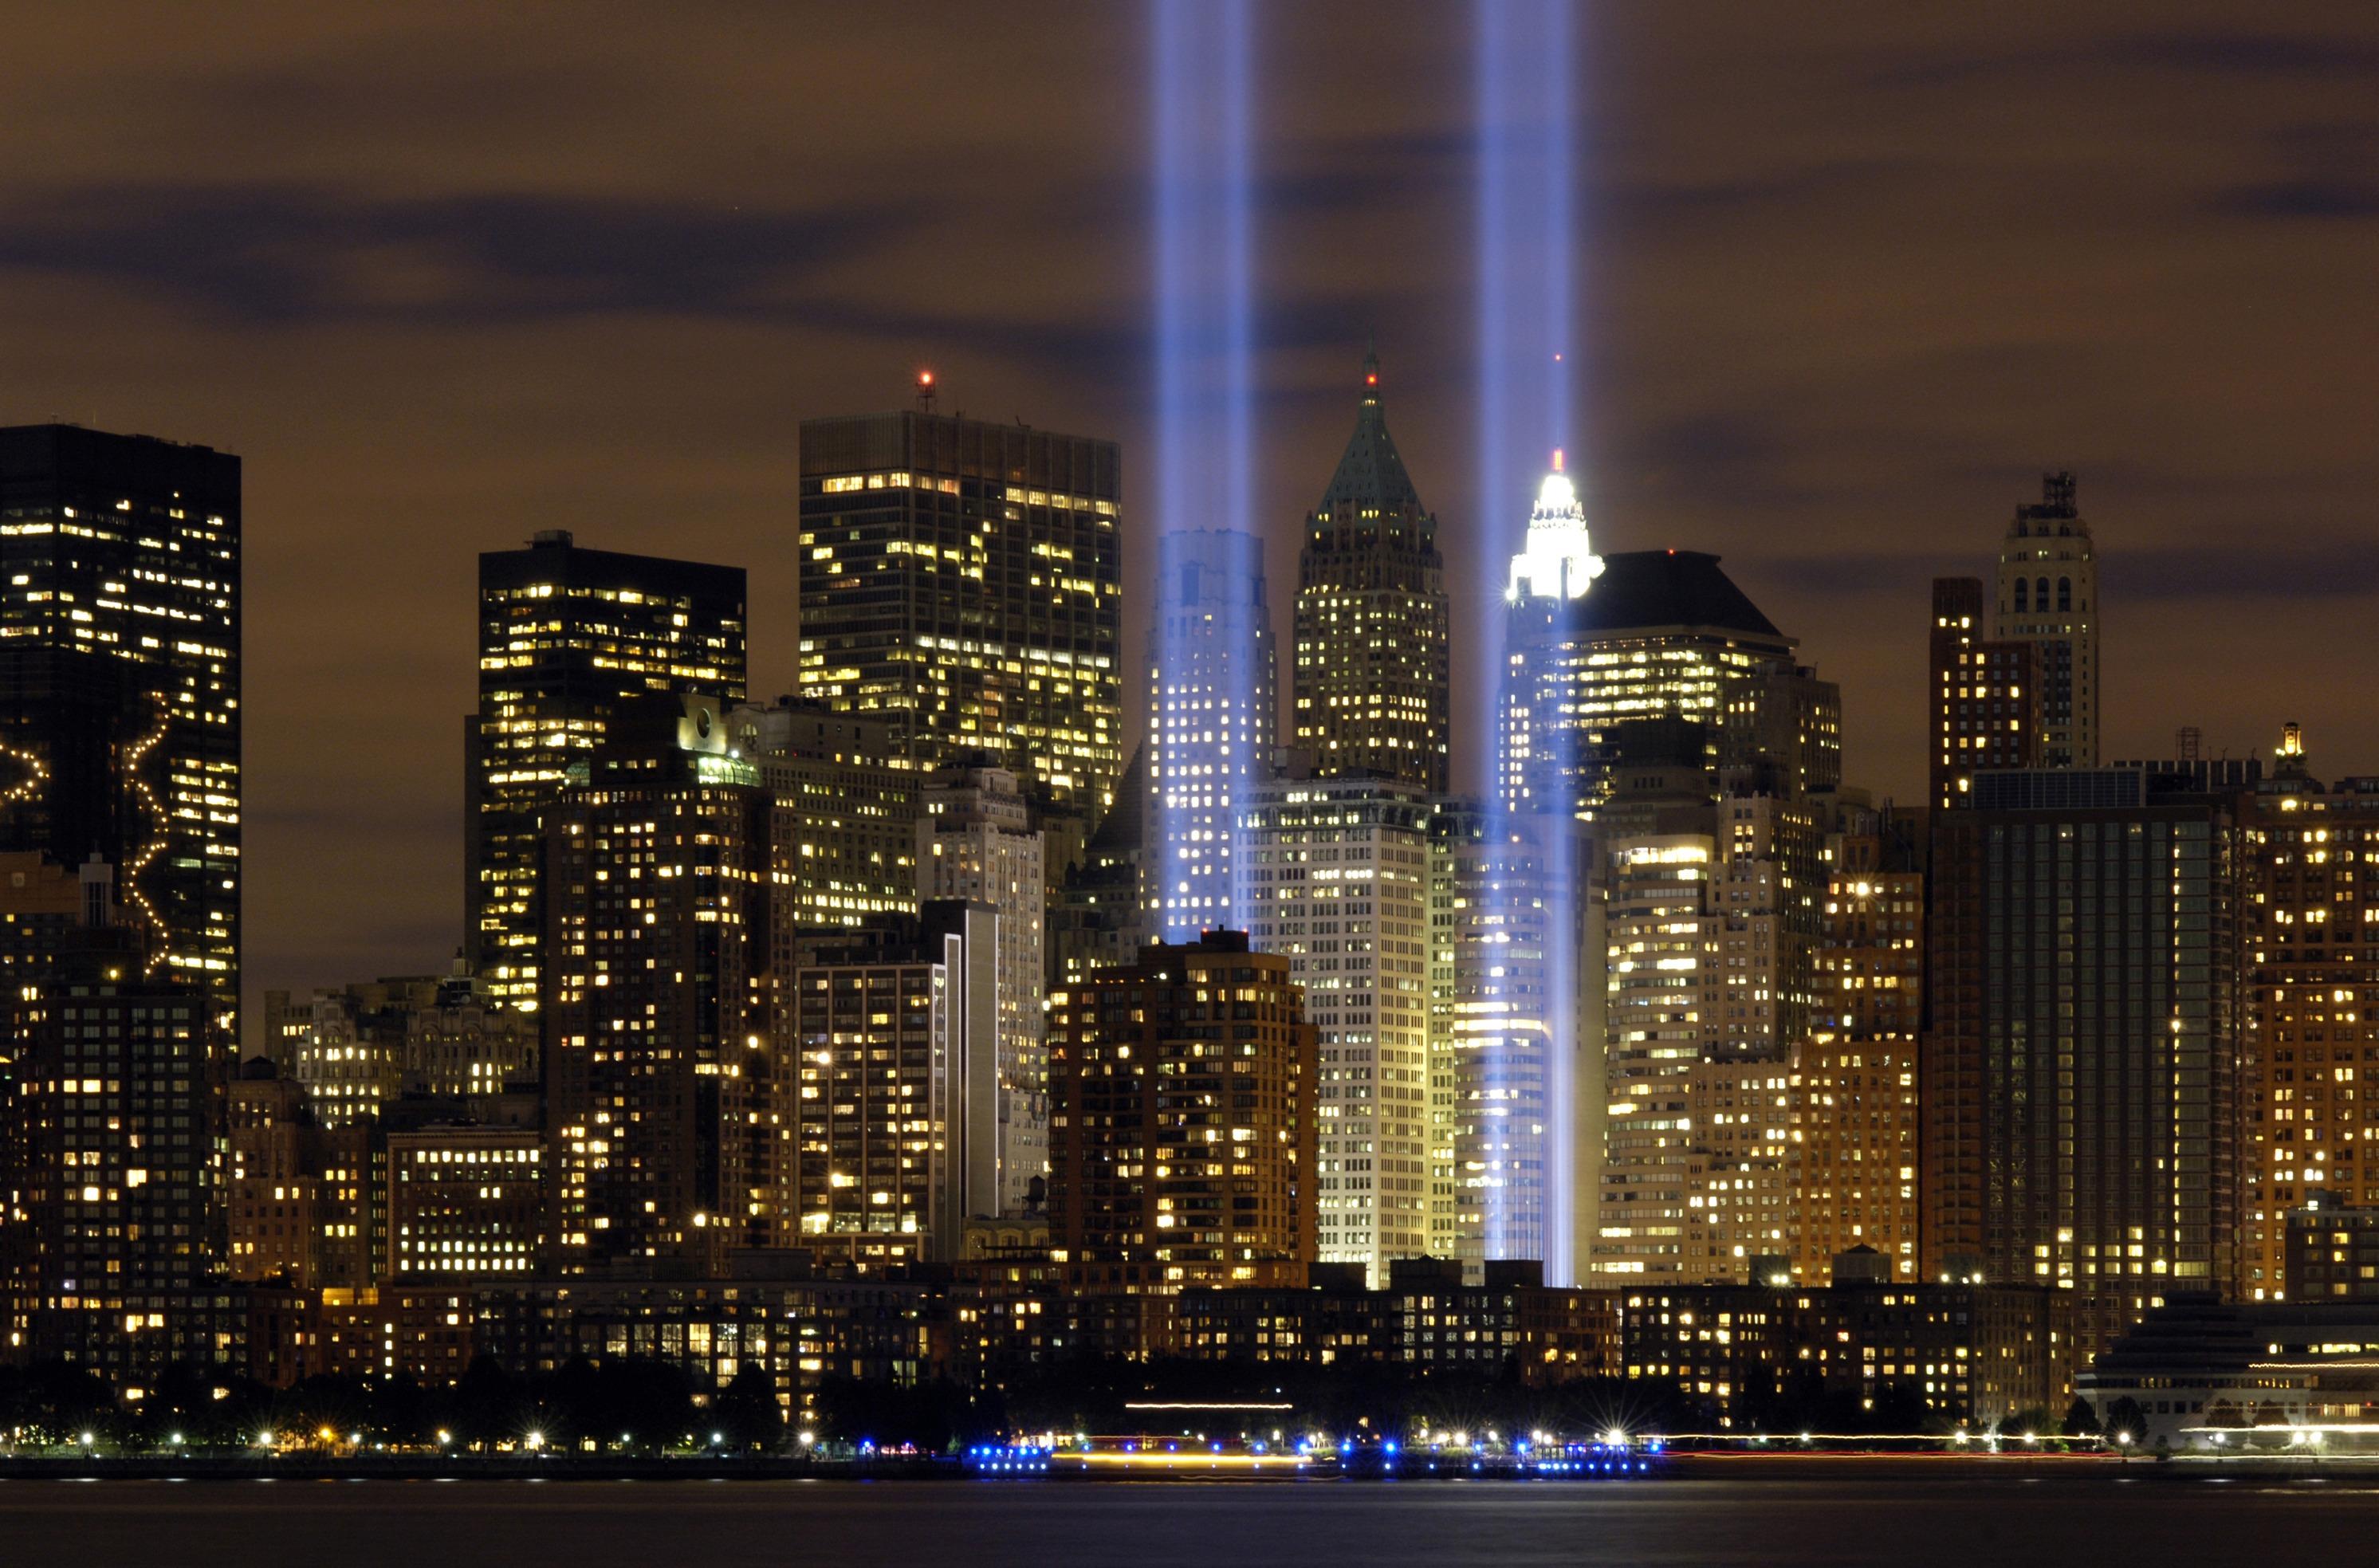 Responding to 9/11